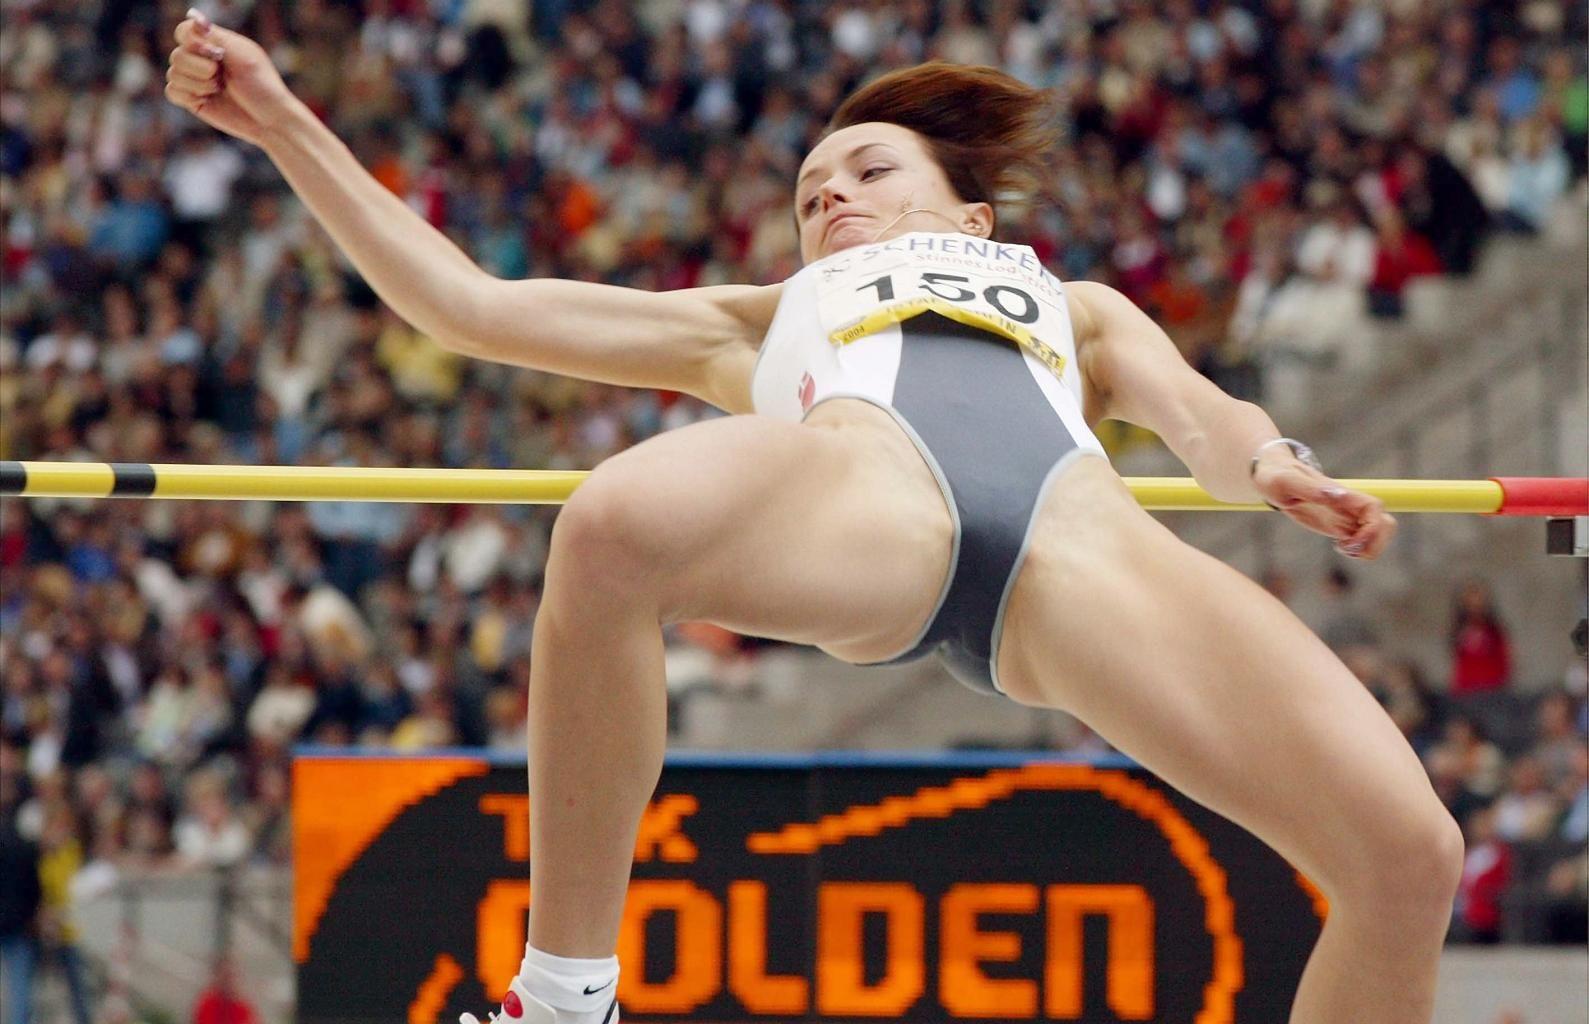 Ххх спортсменки ххх, Порно со спортсменками, секс с голыми гимнастками 19 фотография